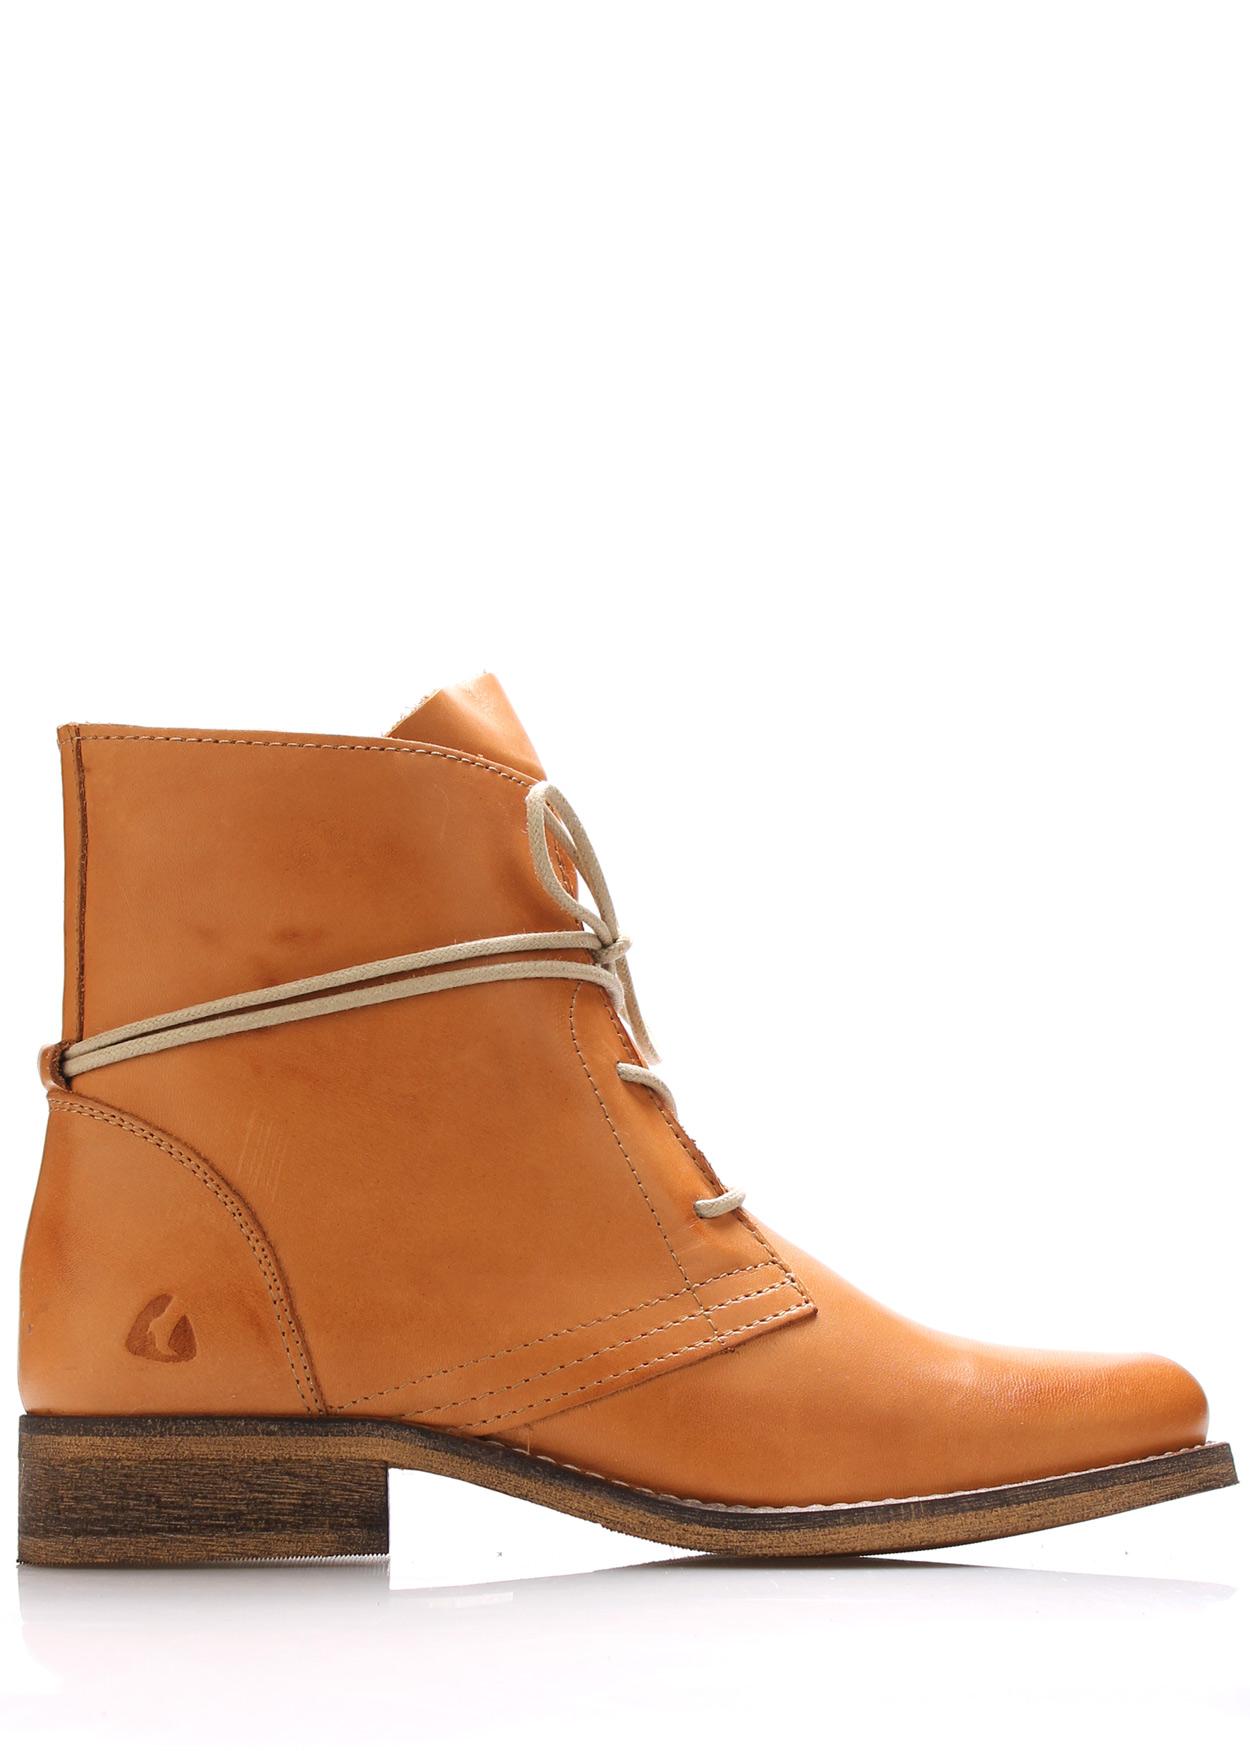 Světle hnědé kožené boty s tkaničkami Online Shoes Velikost: 37